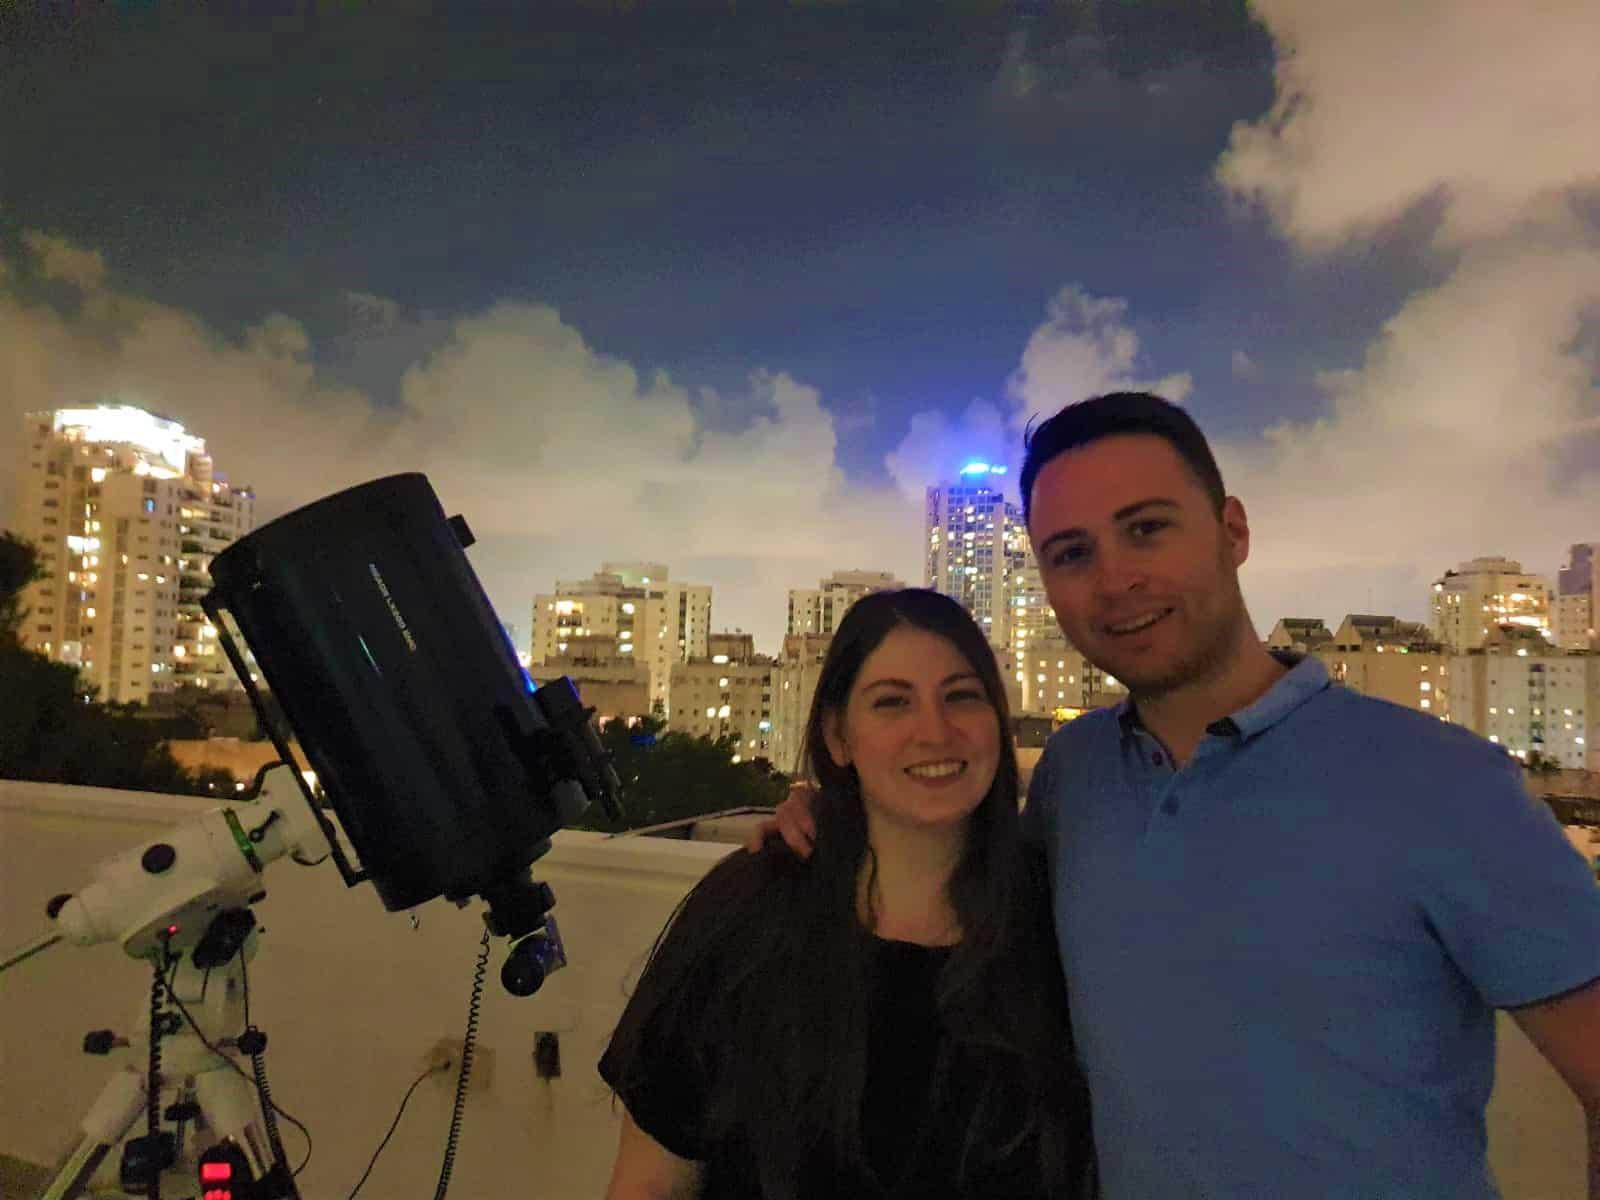 הצעת הנישואין במצפה הכוכבים